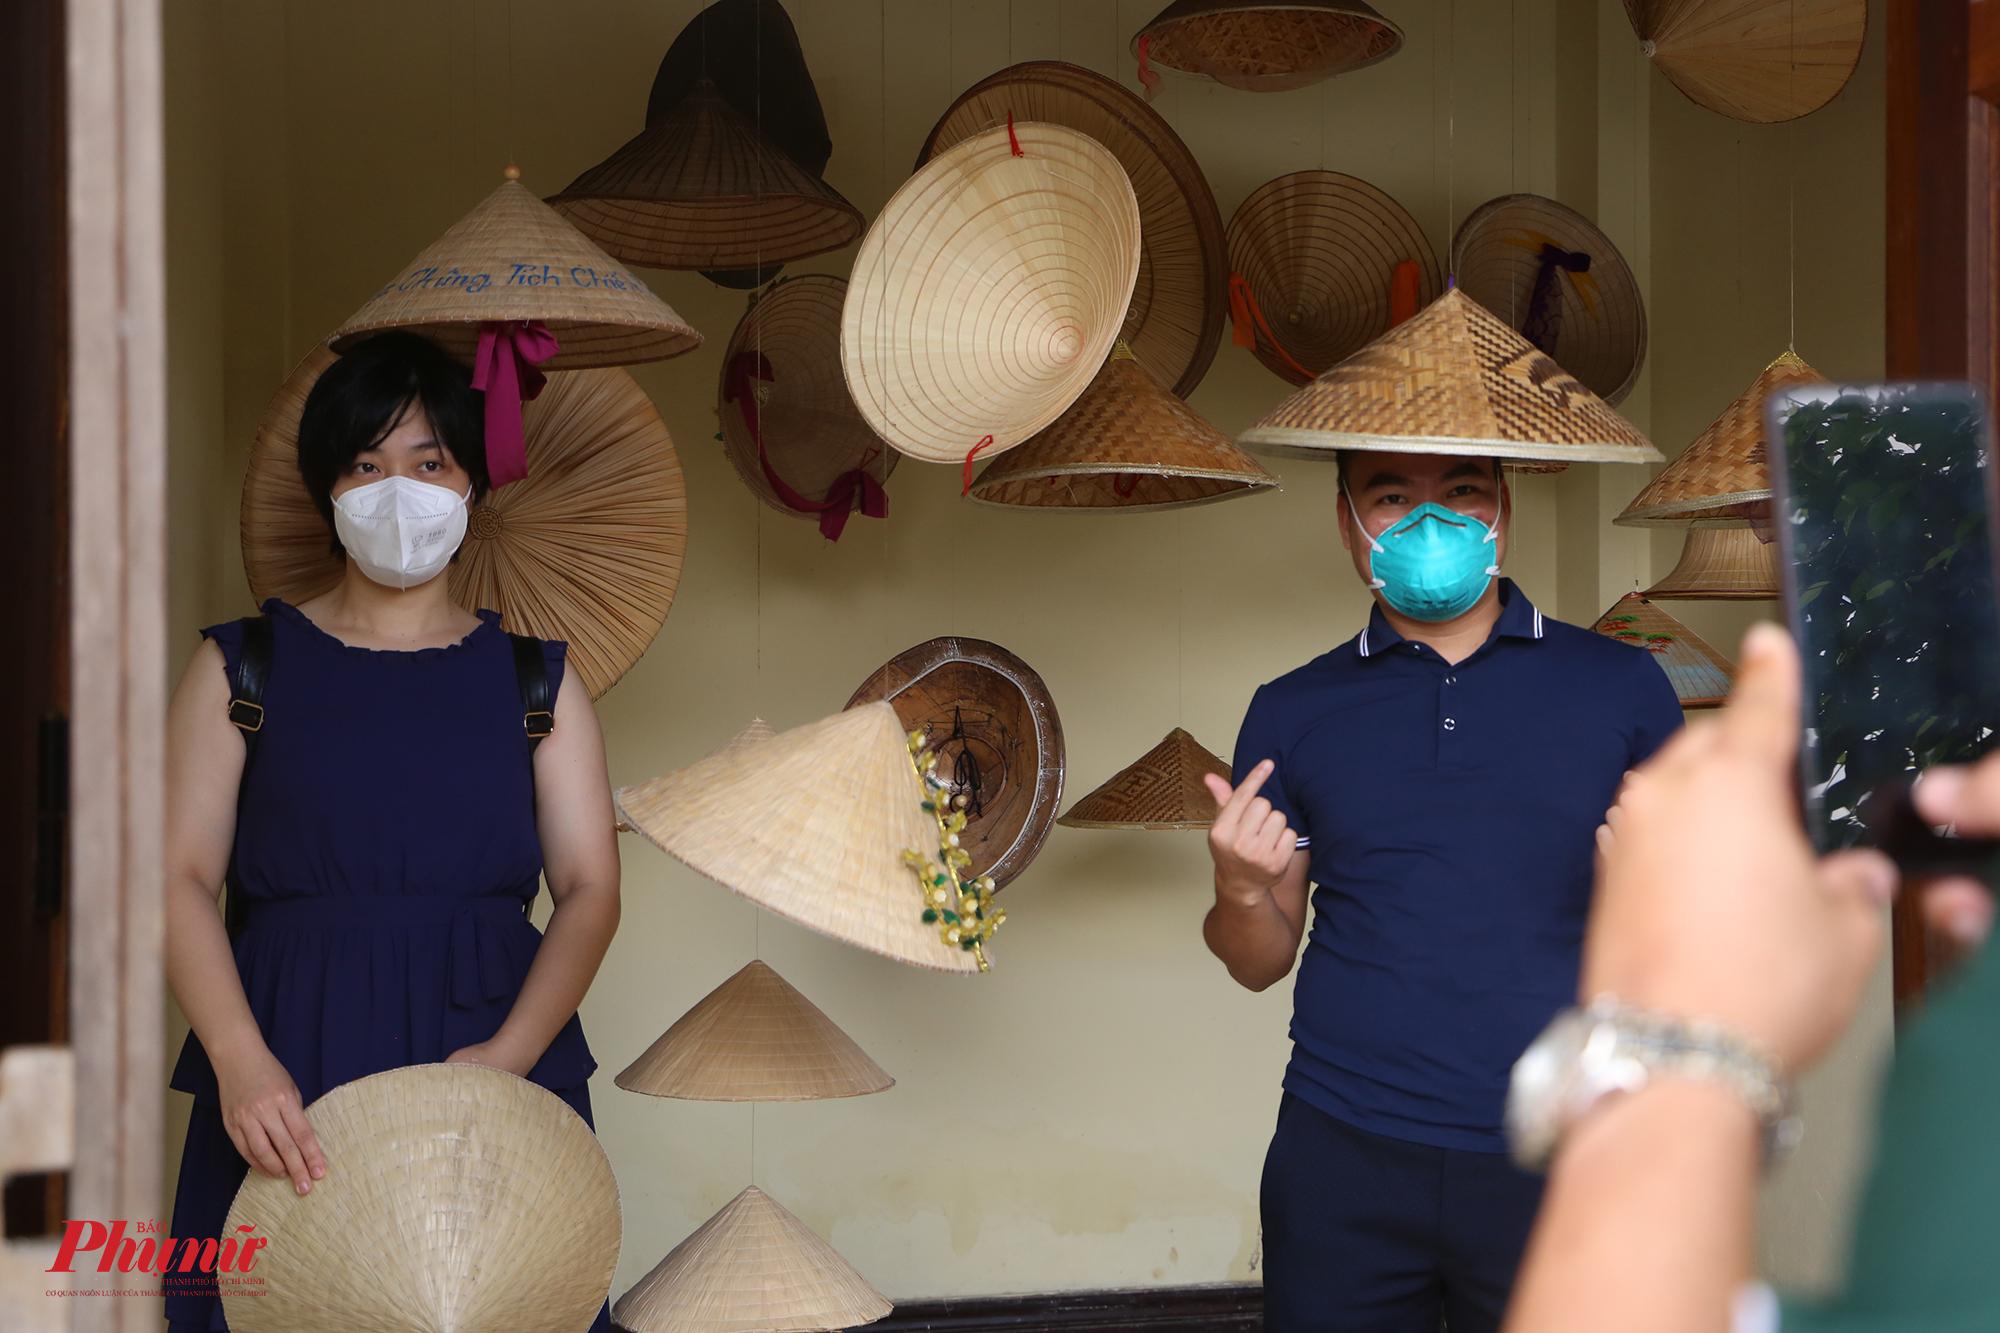 Họ cũng tranh thủ chụp ảnh trong không gian trưng bày những chiếc nón đặc trưng của từng vùng miền.